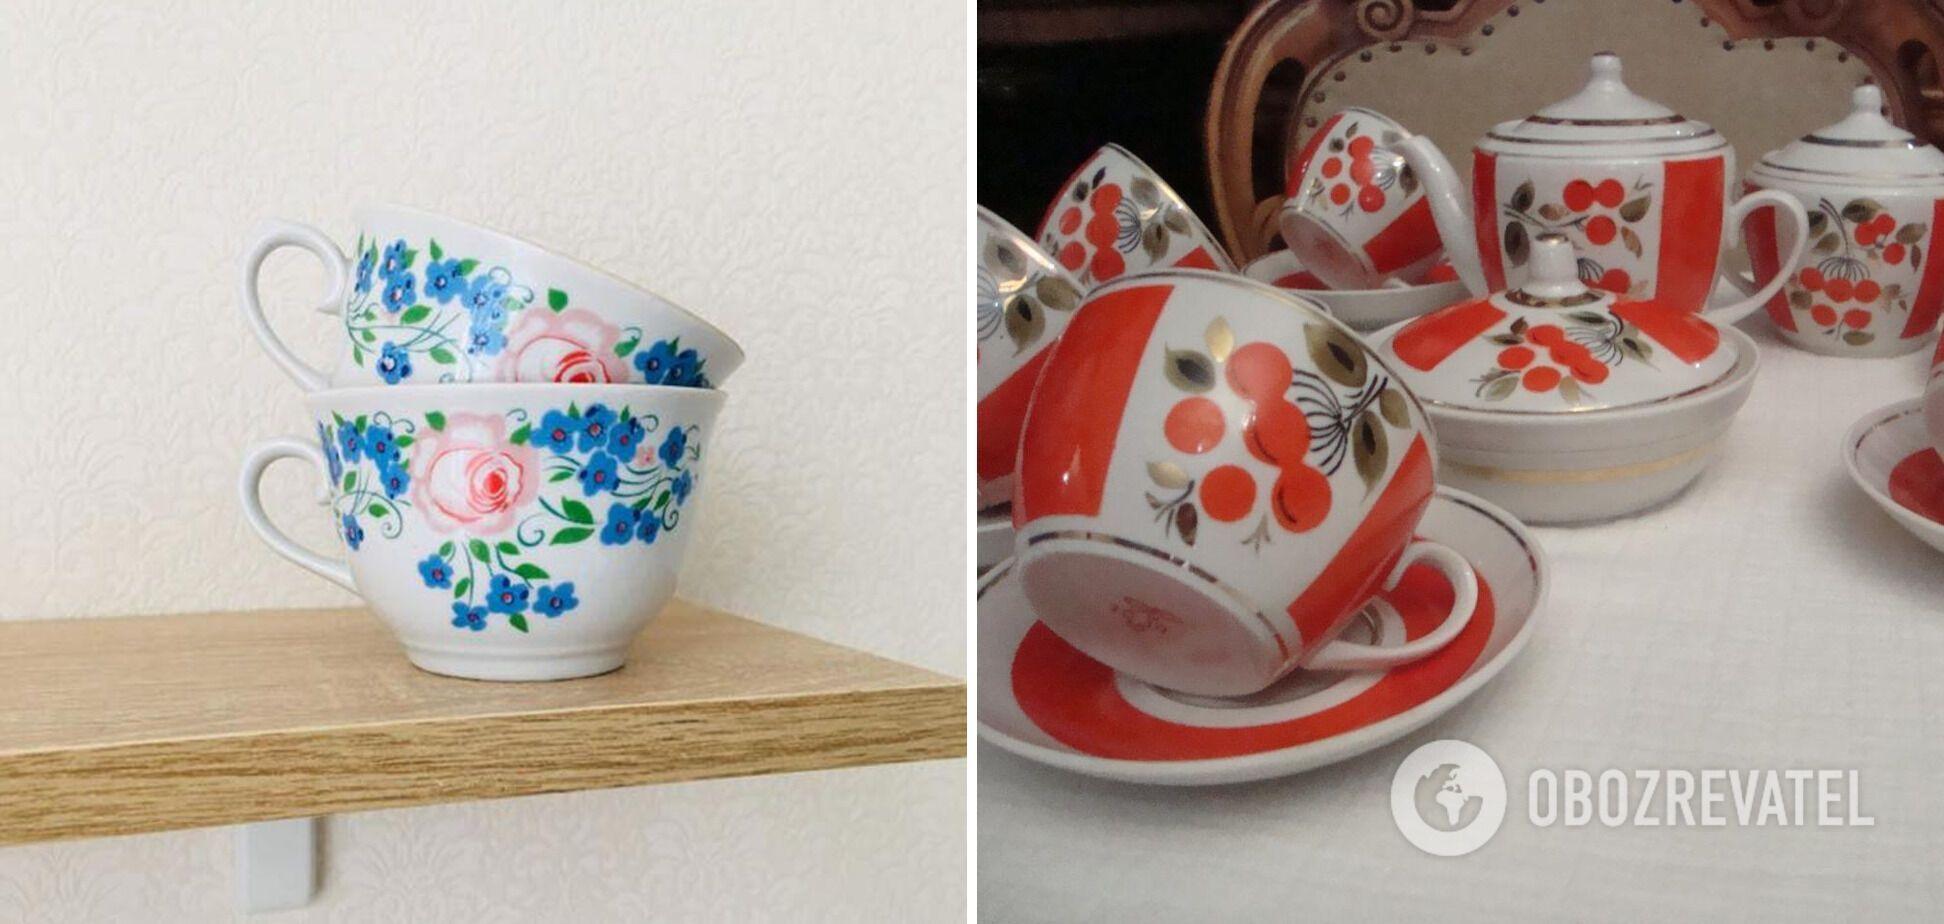 Фарфоровая посуда с росписью снова стала популярной.